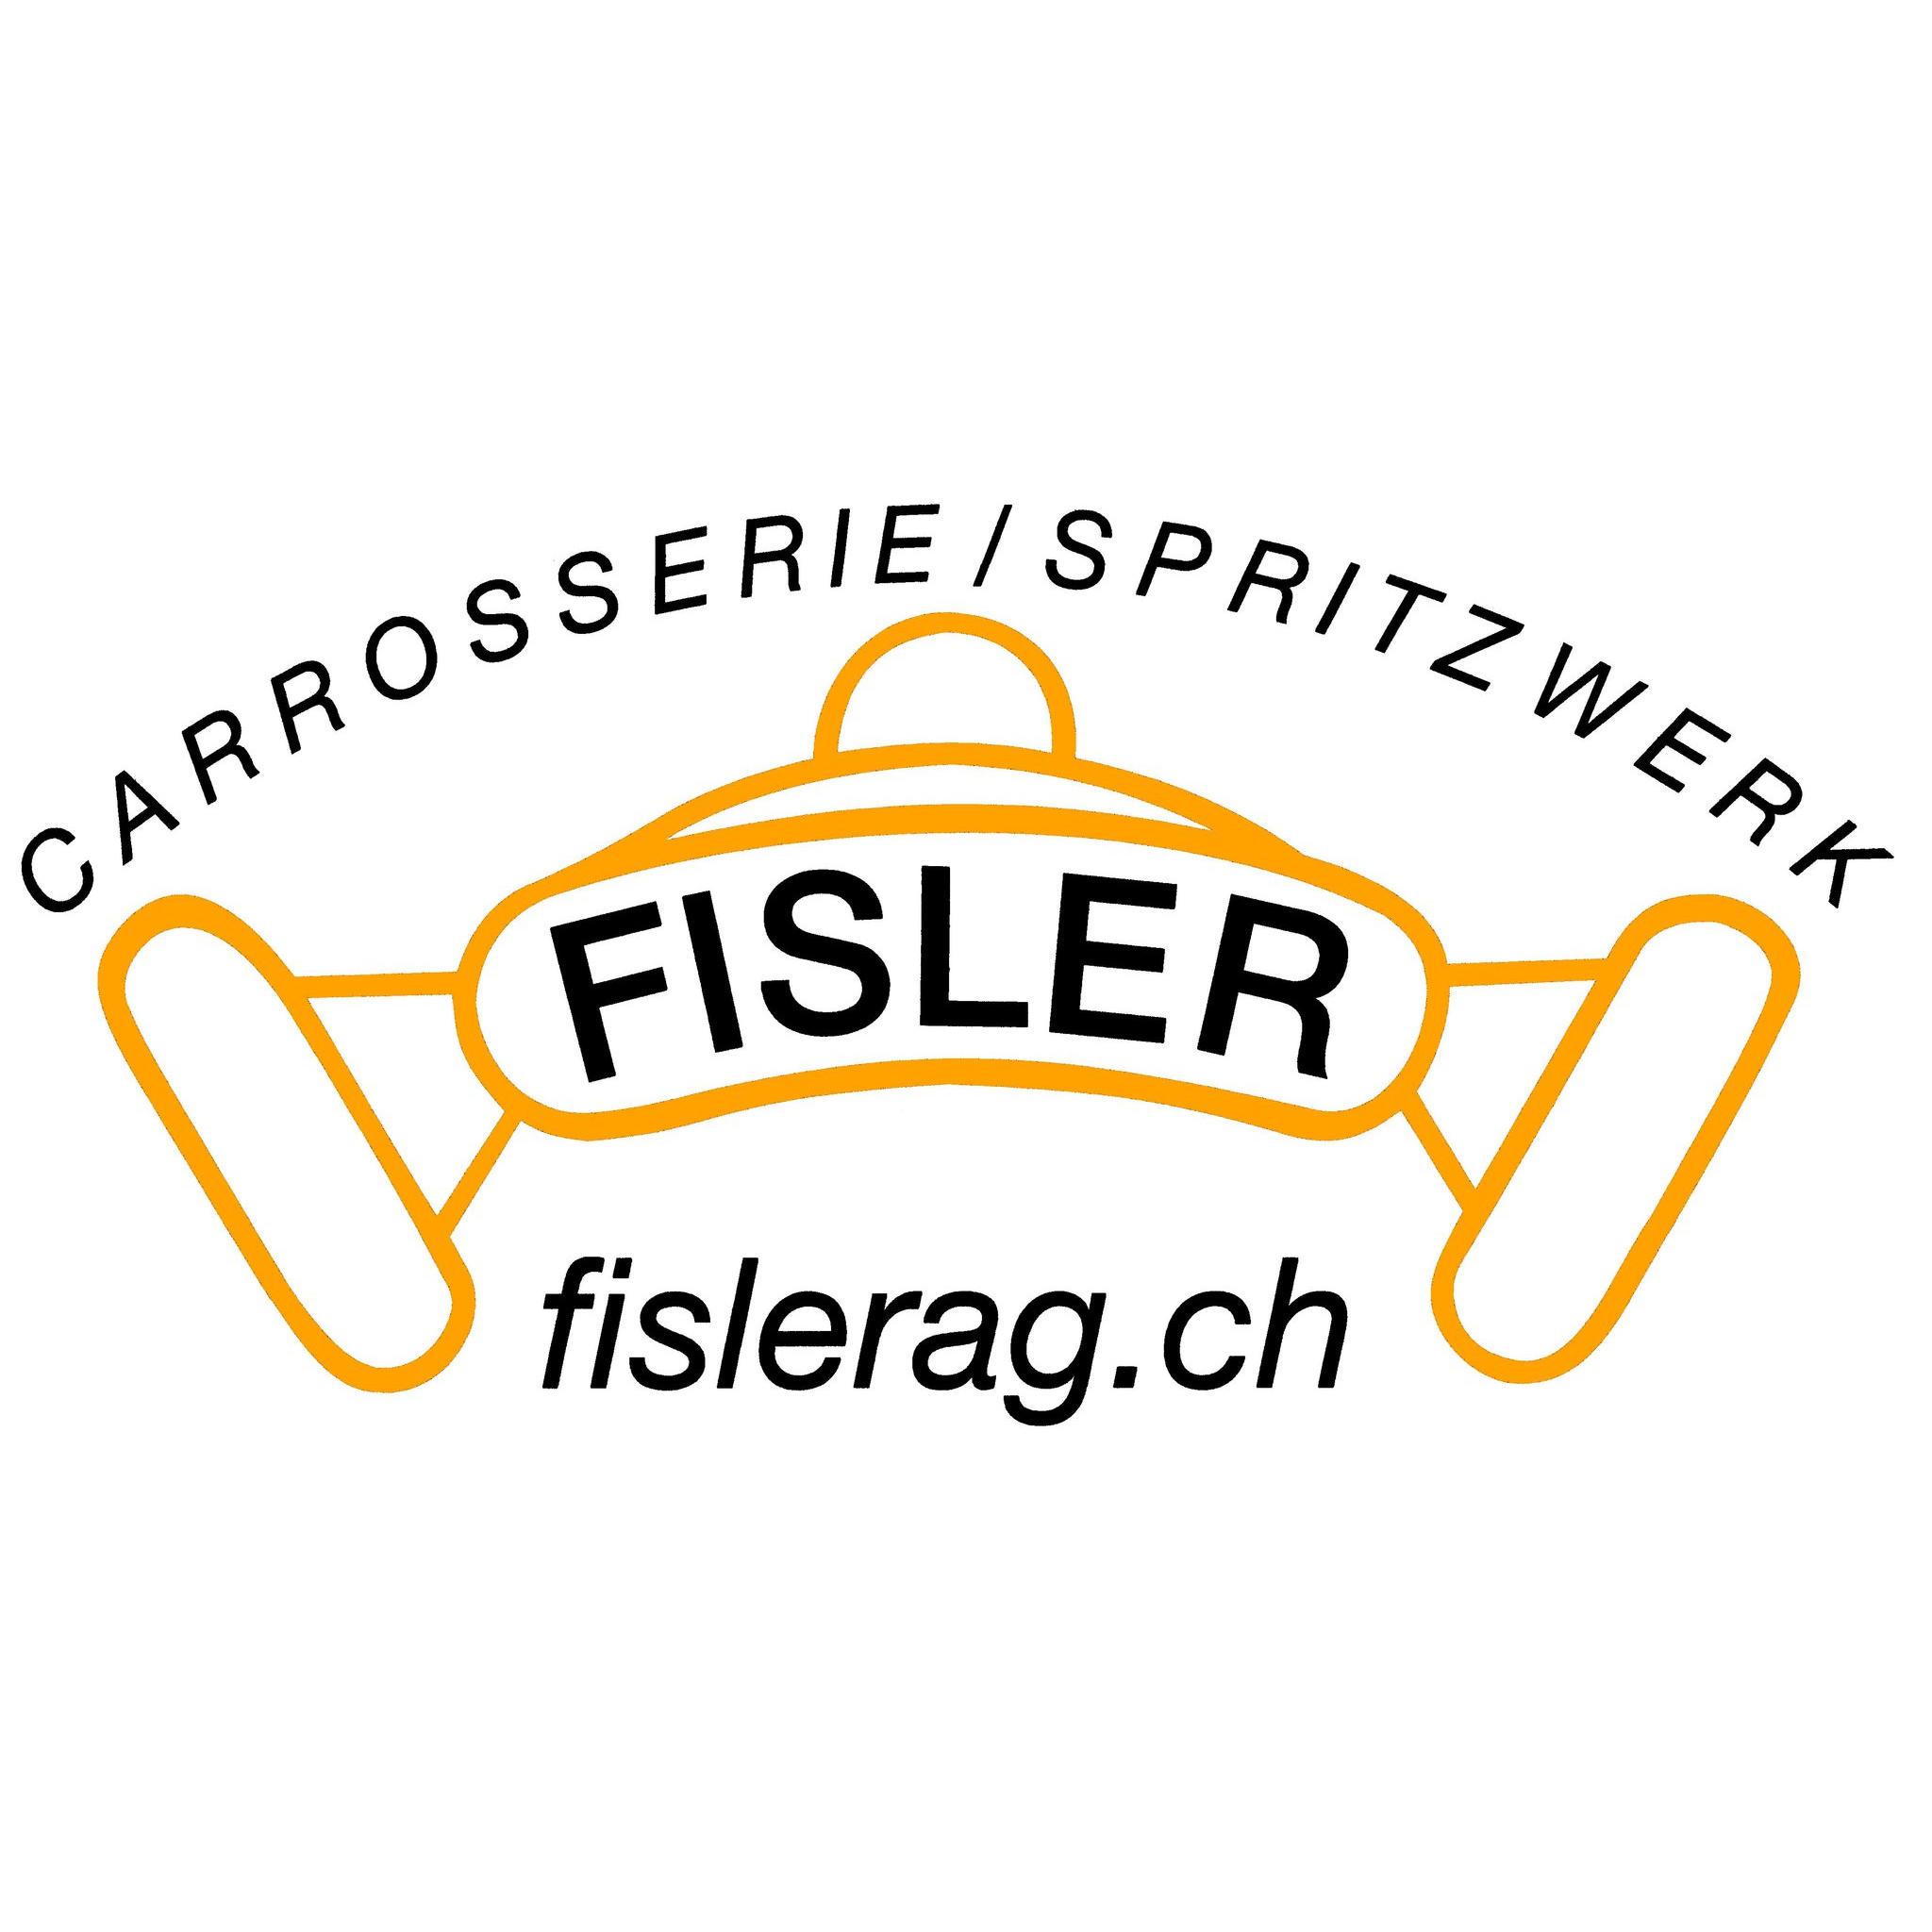 Carrosserie Fisler AG